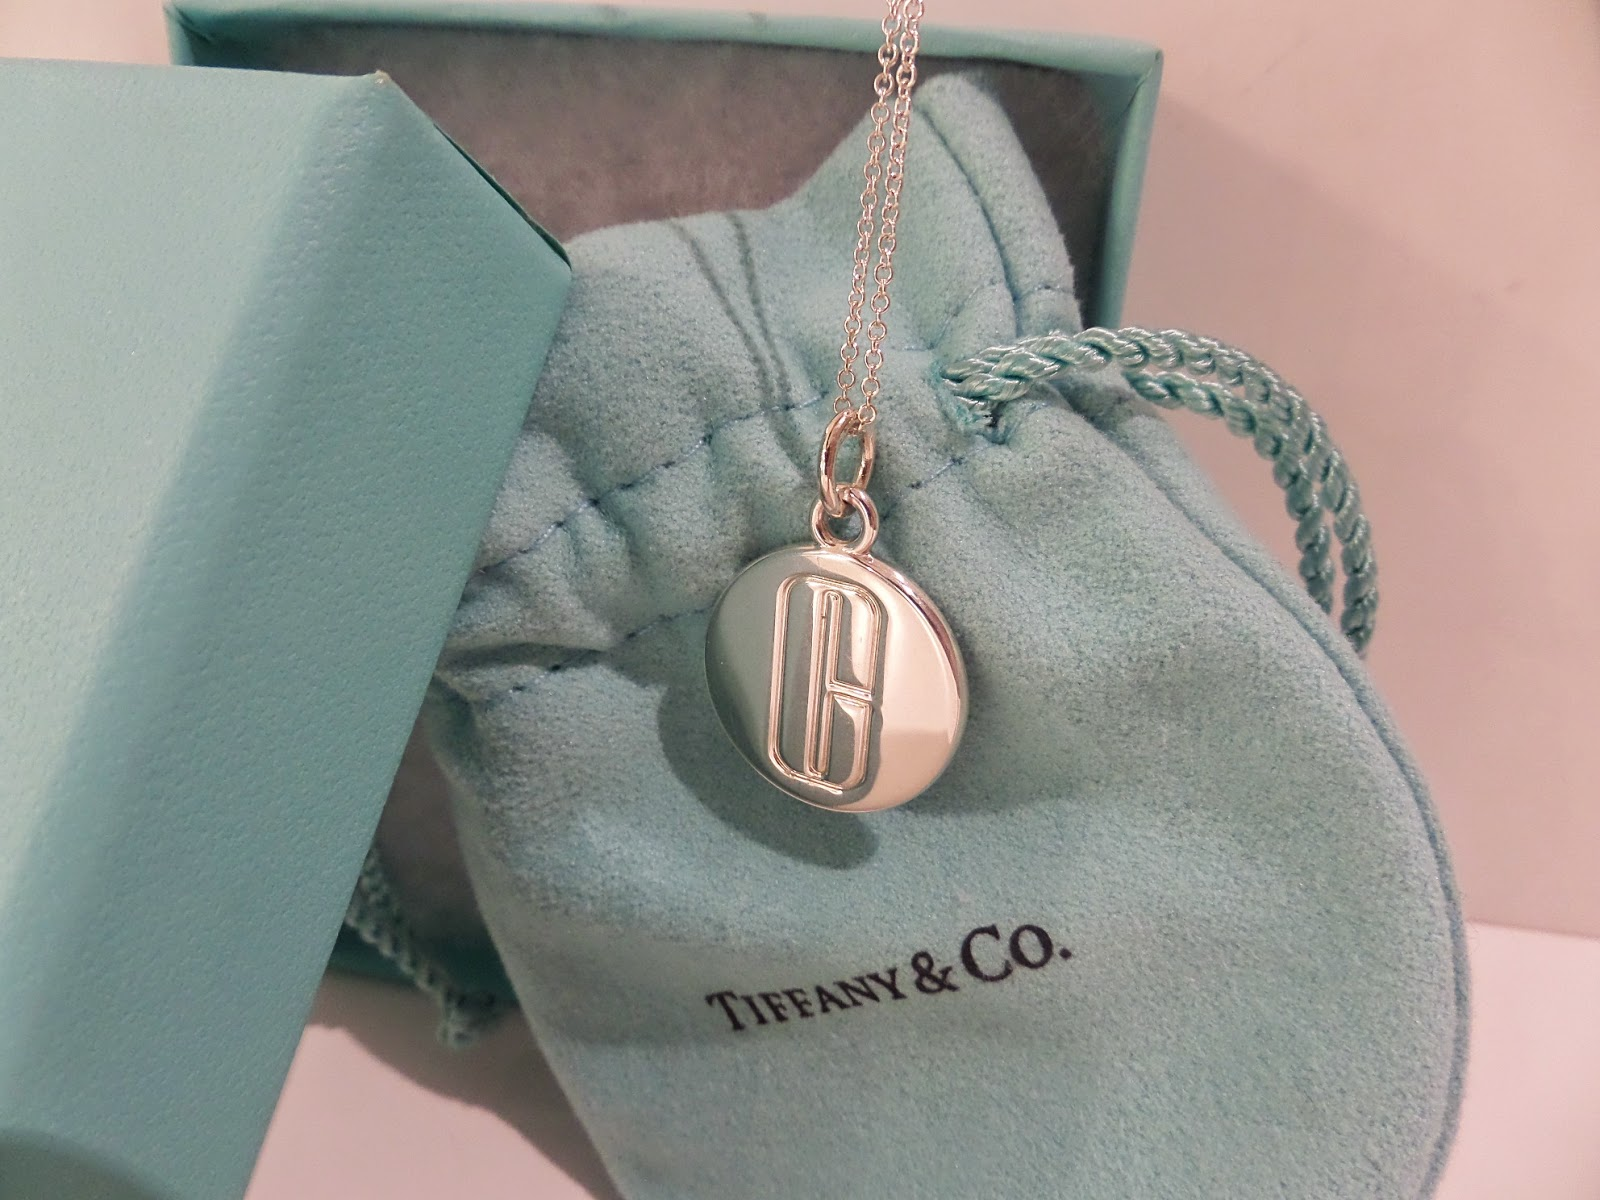 luxury designer consignment shop shop consign luxury designer